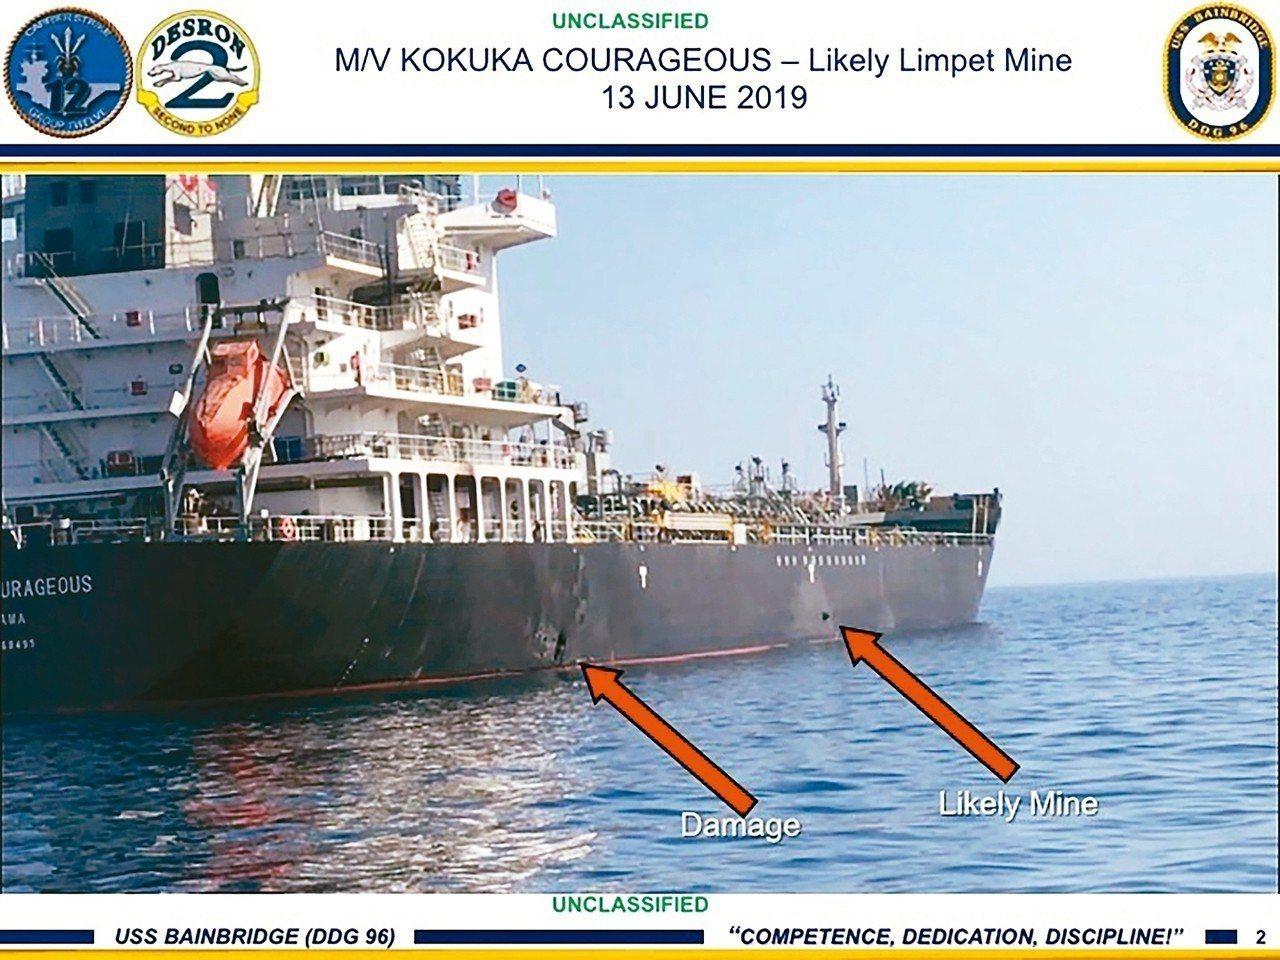 美軍中央司令部13日發布,在阿曼灣遭攻擊的油輪國華勇氣號船體受損及疑是水雷照片。...